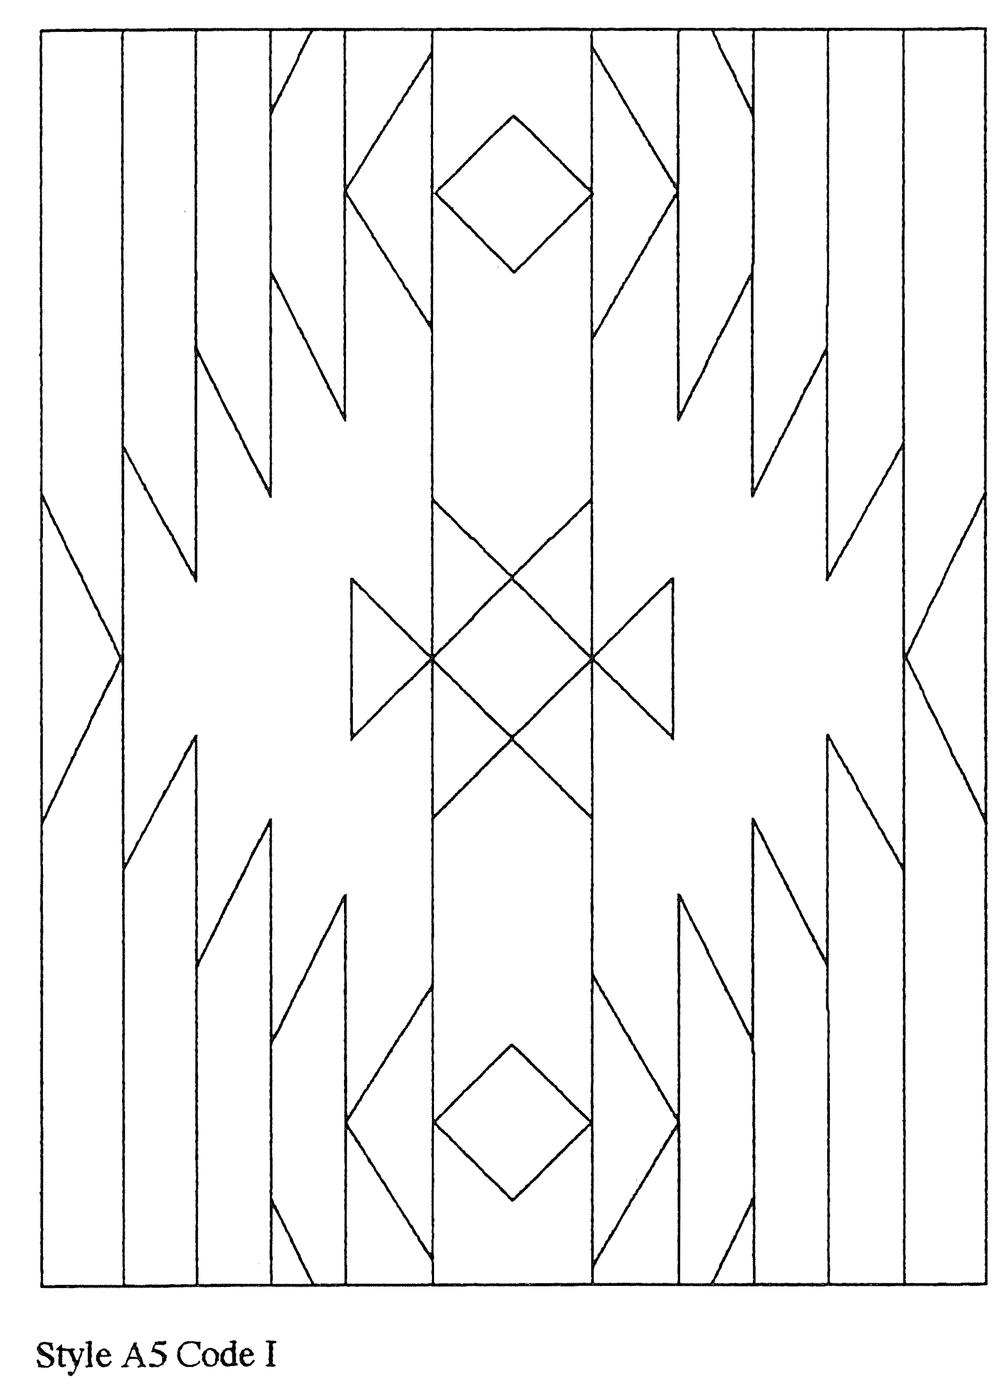 P7-A5.jpg